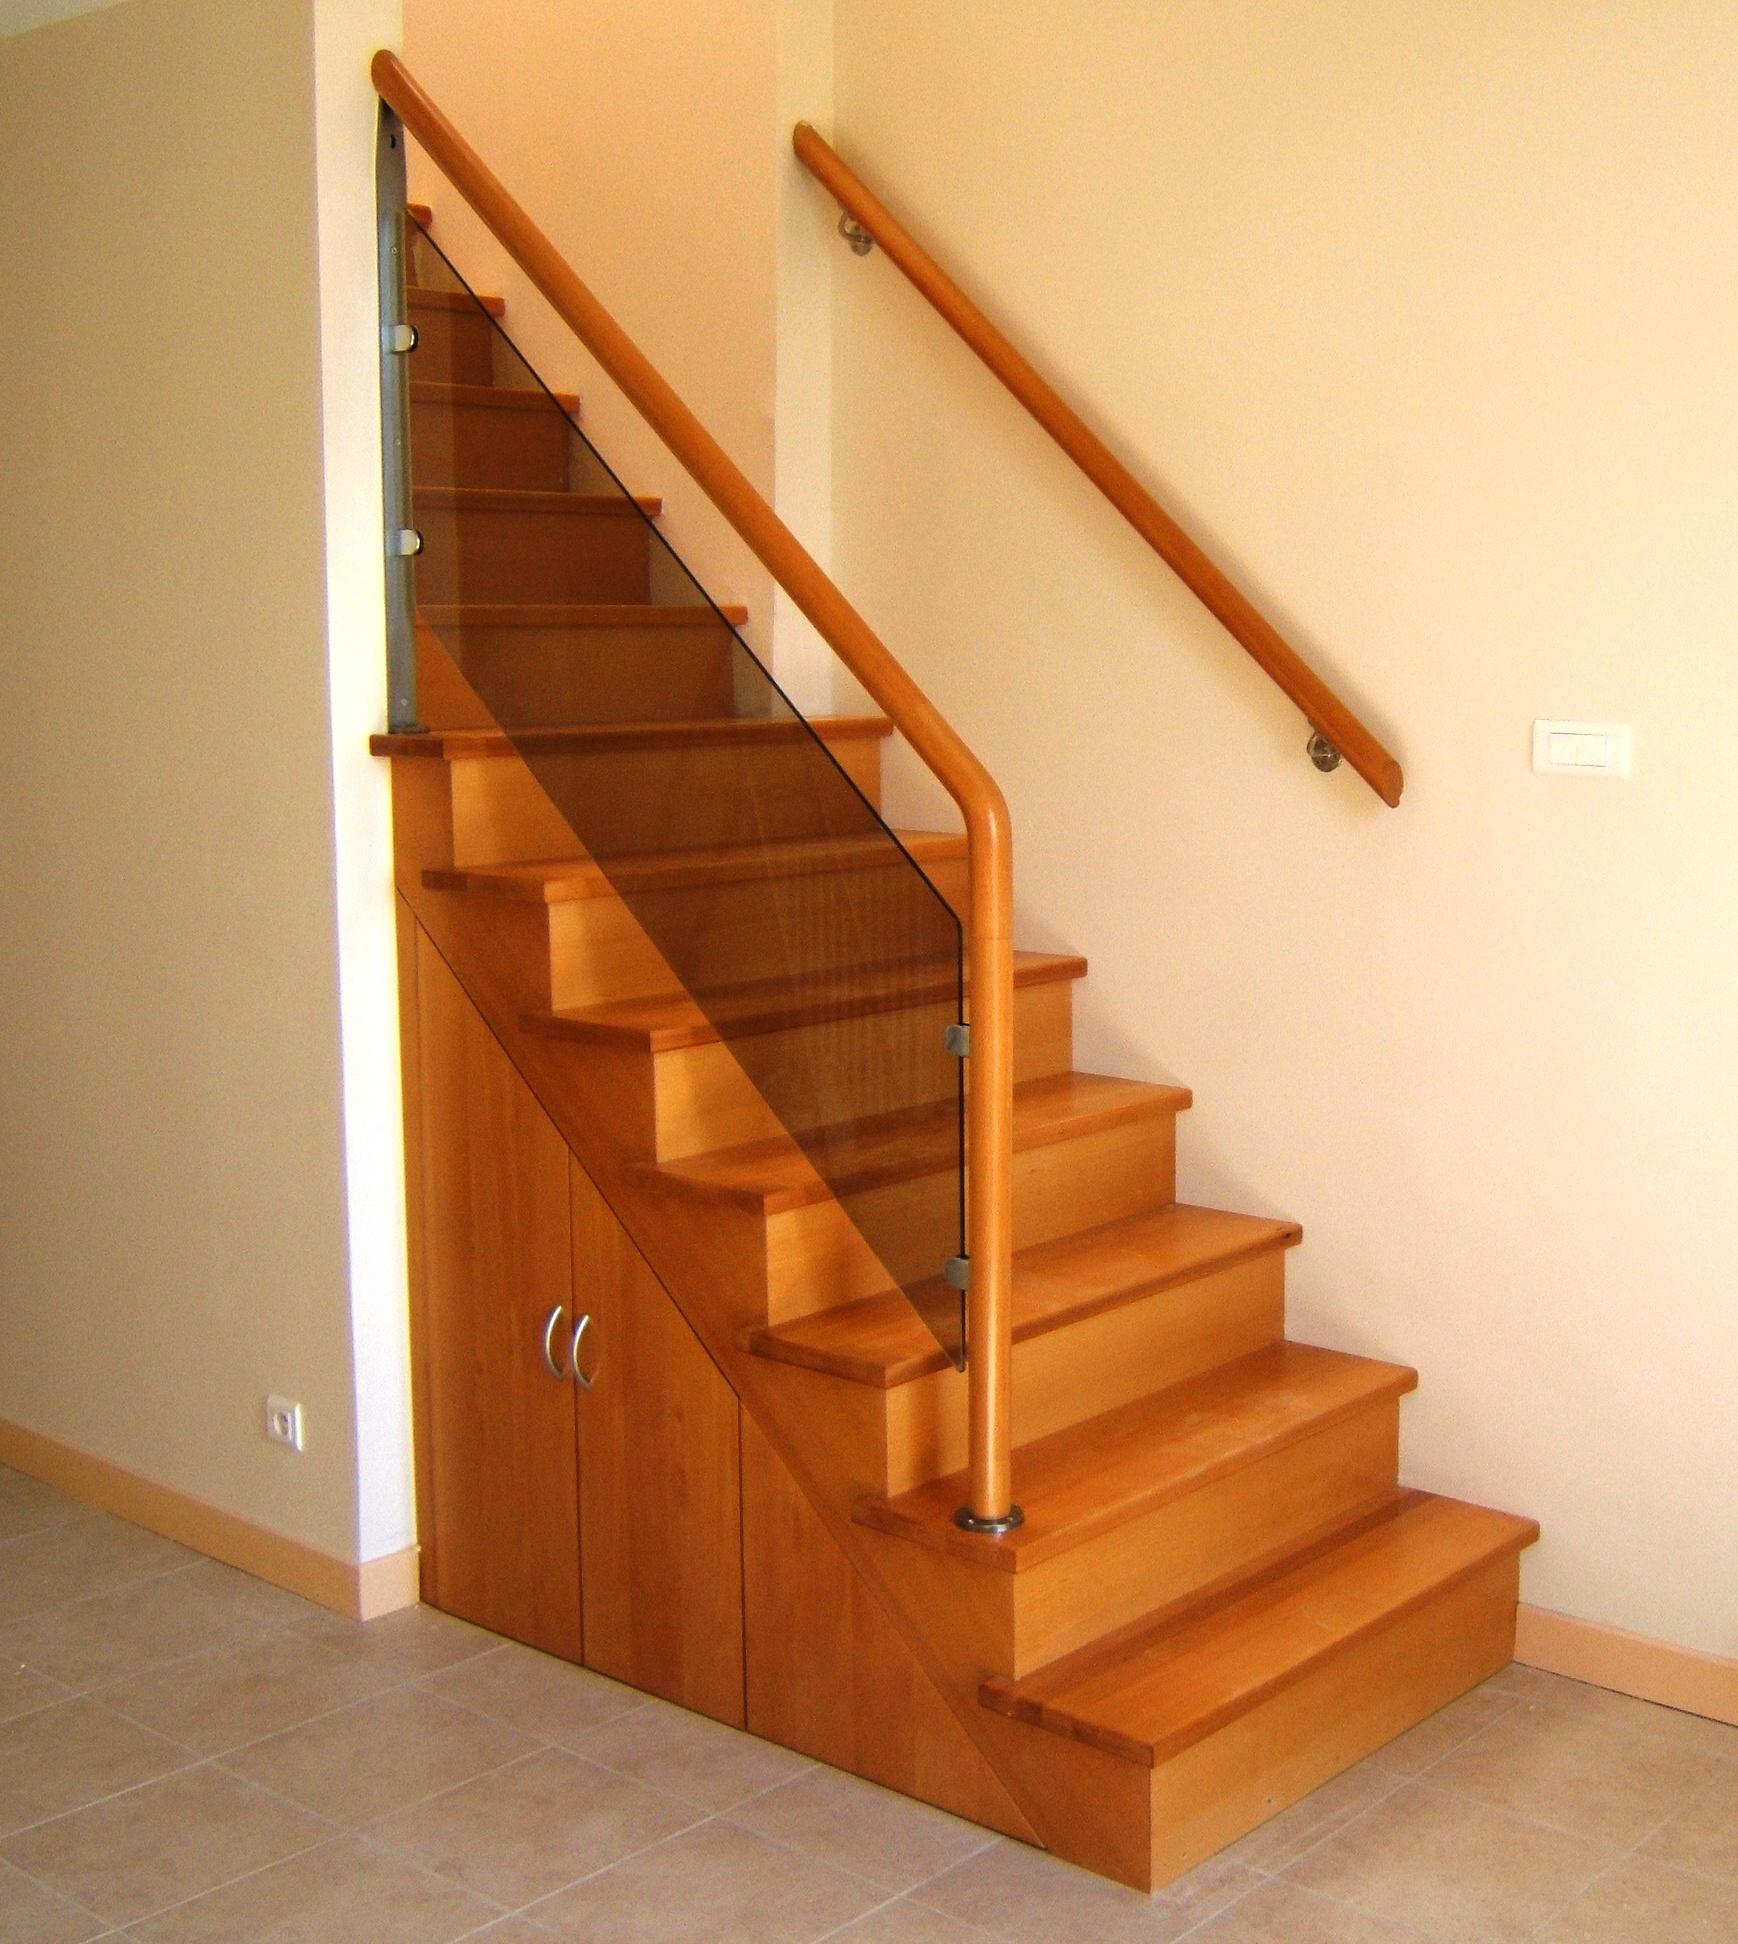 Escalier En Bois Avec Rangement départ d'escalier droit marseille prado - menuiserie md